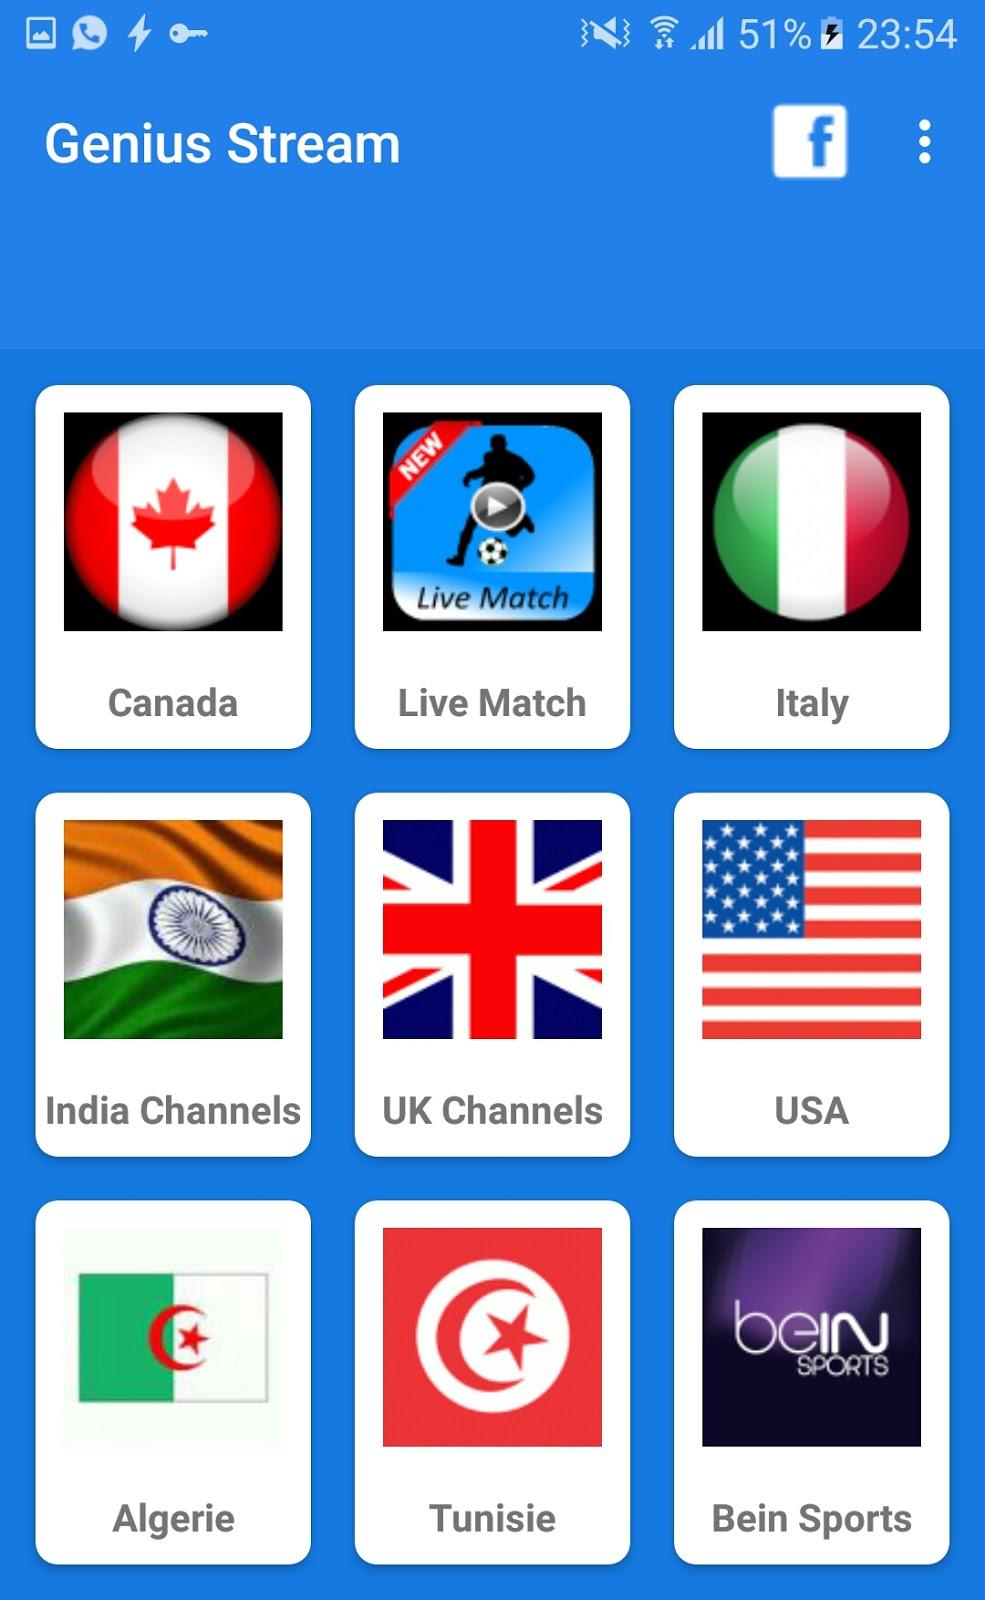 Genius stream apk free download